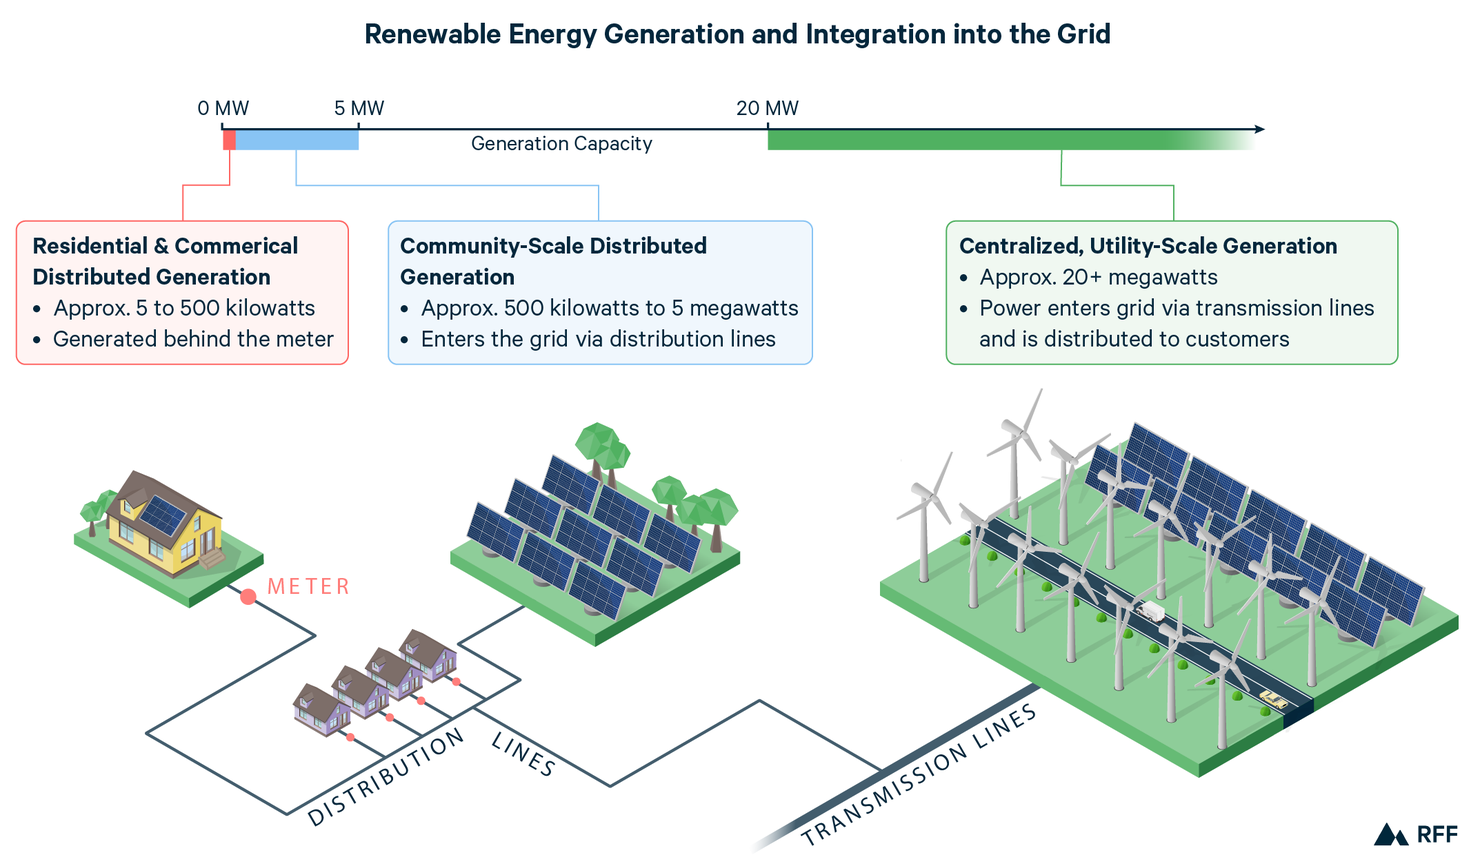 renewable integration diagram 3-01.png